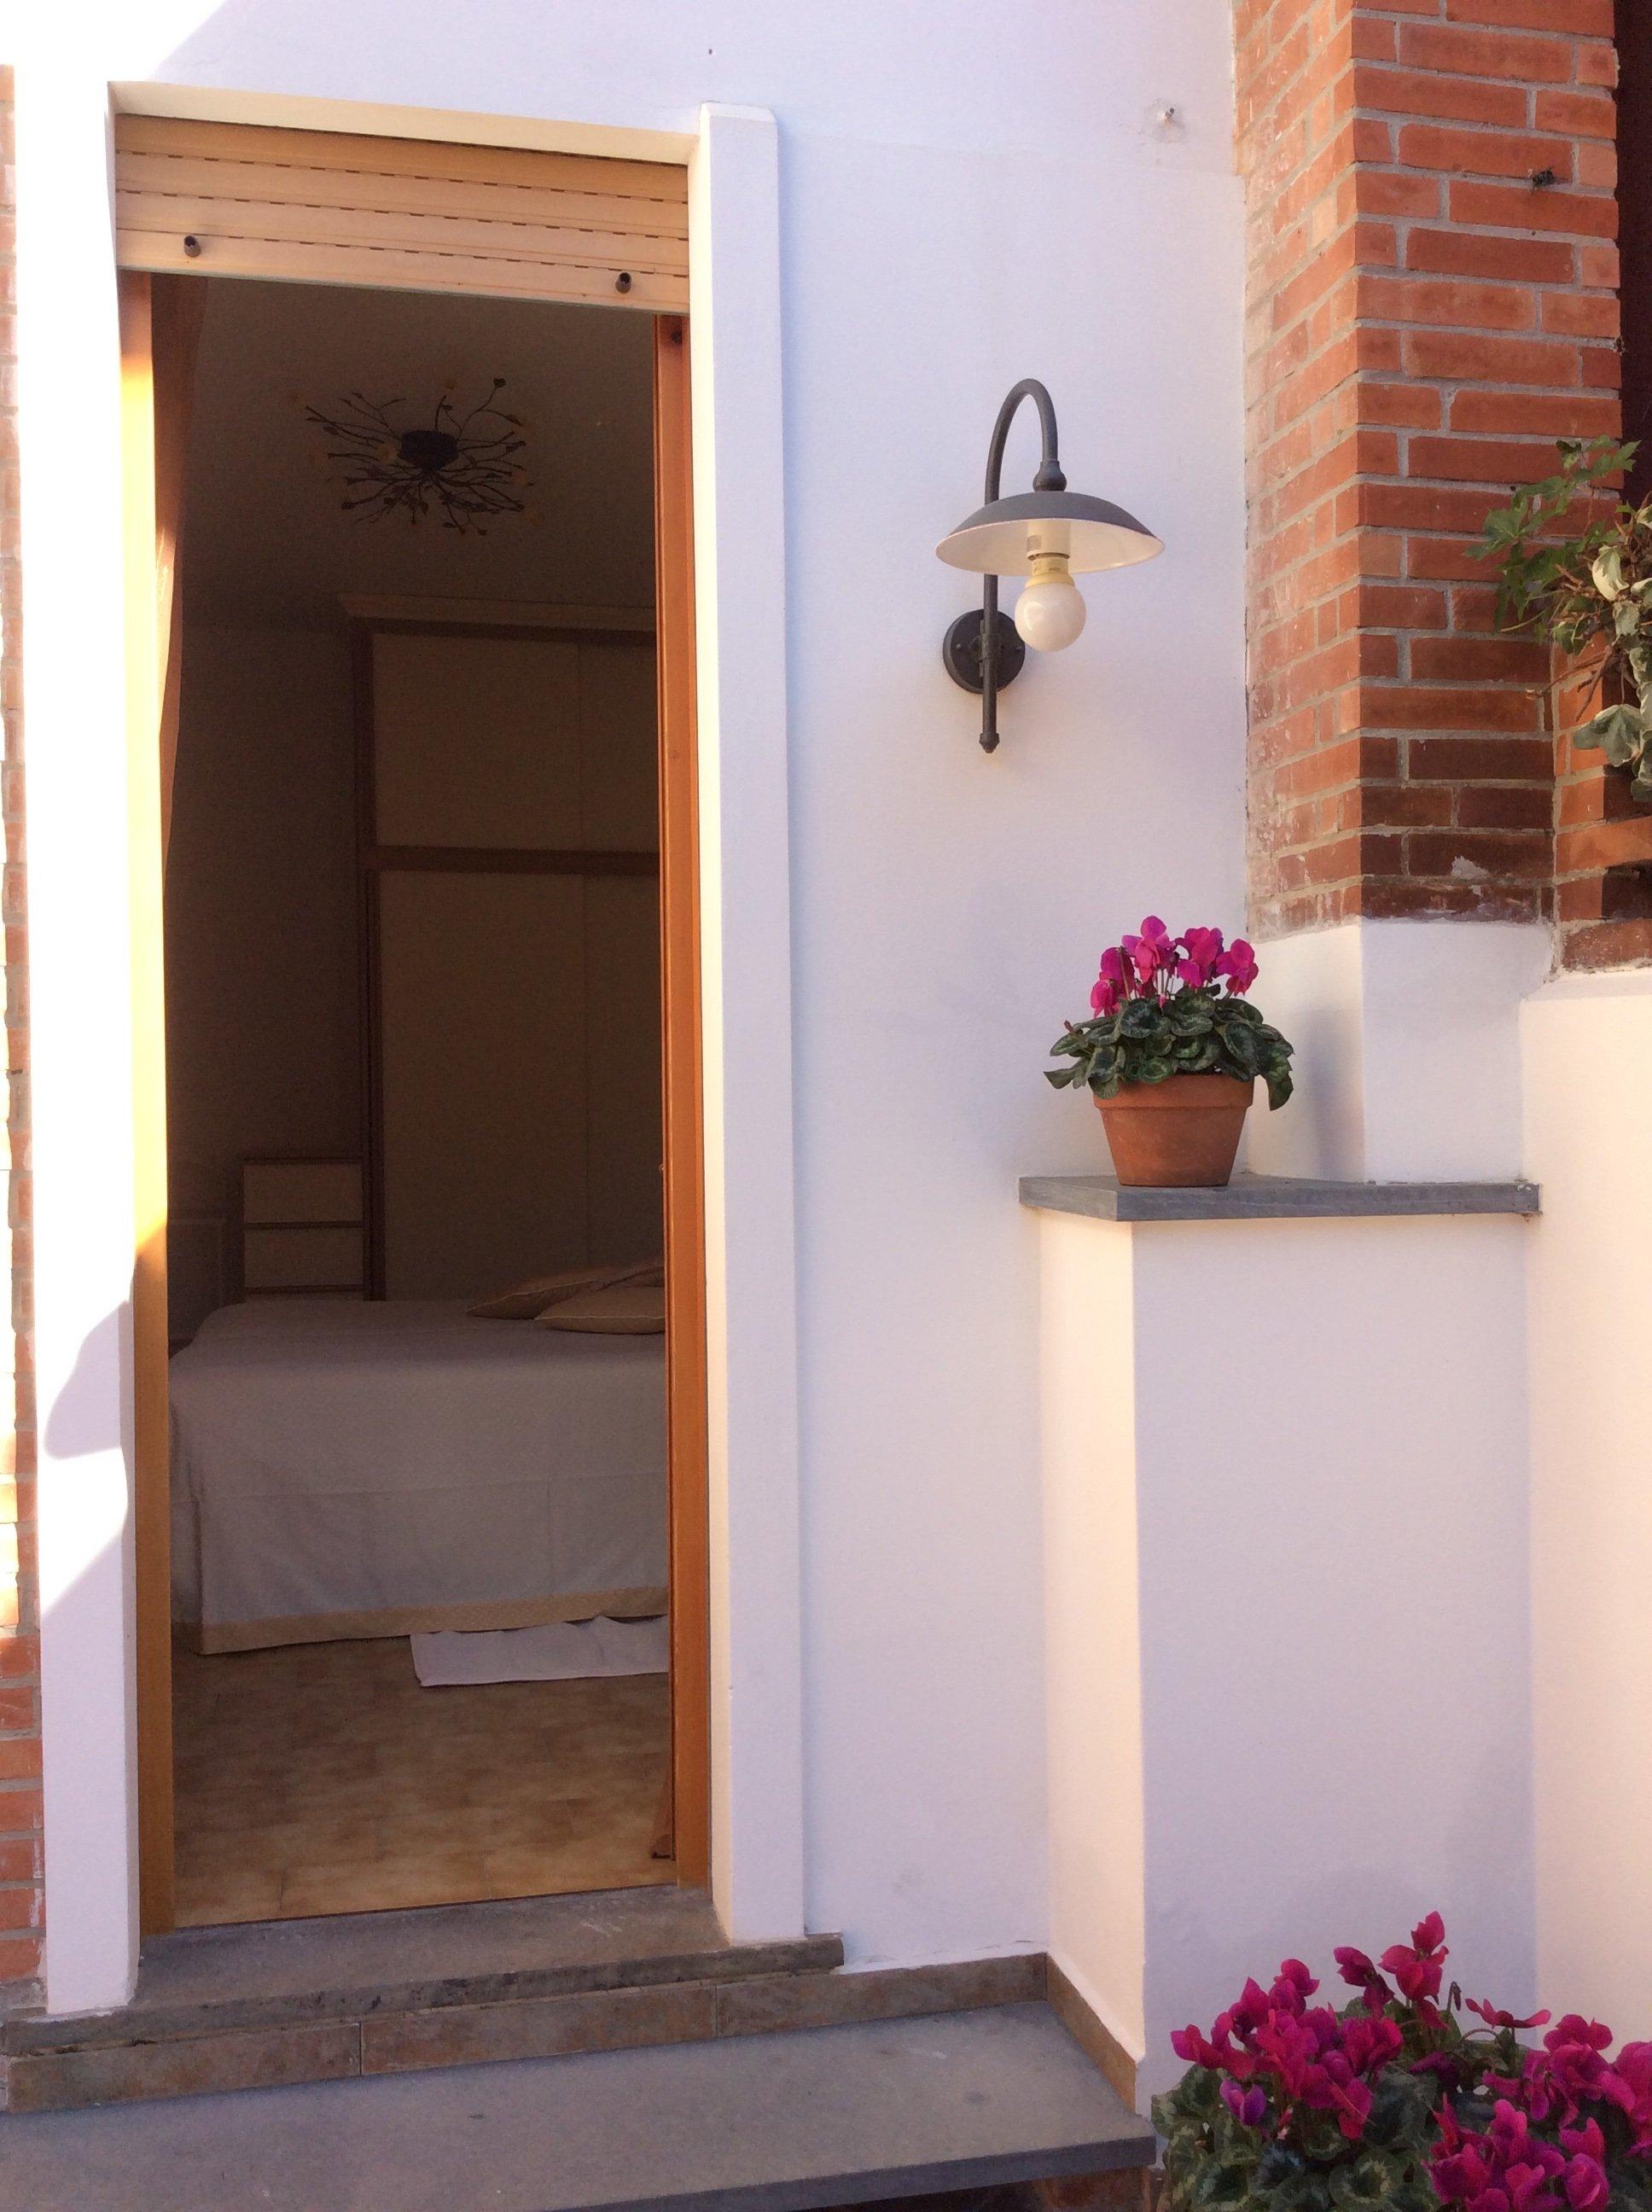 Vista dall'esterno di una camera con porta aperta